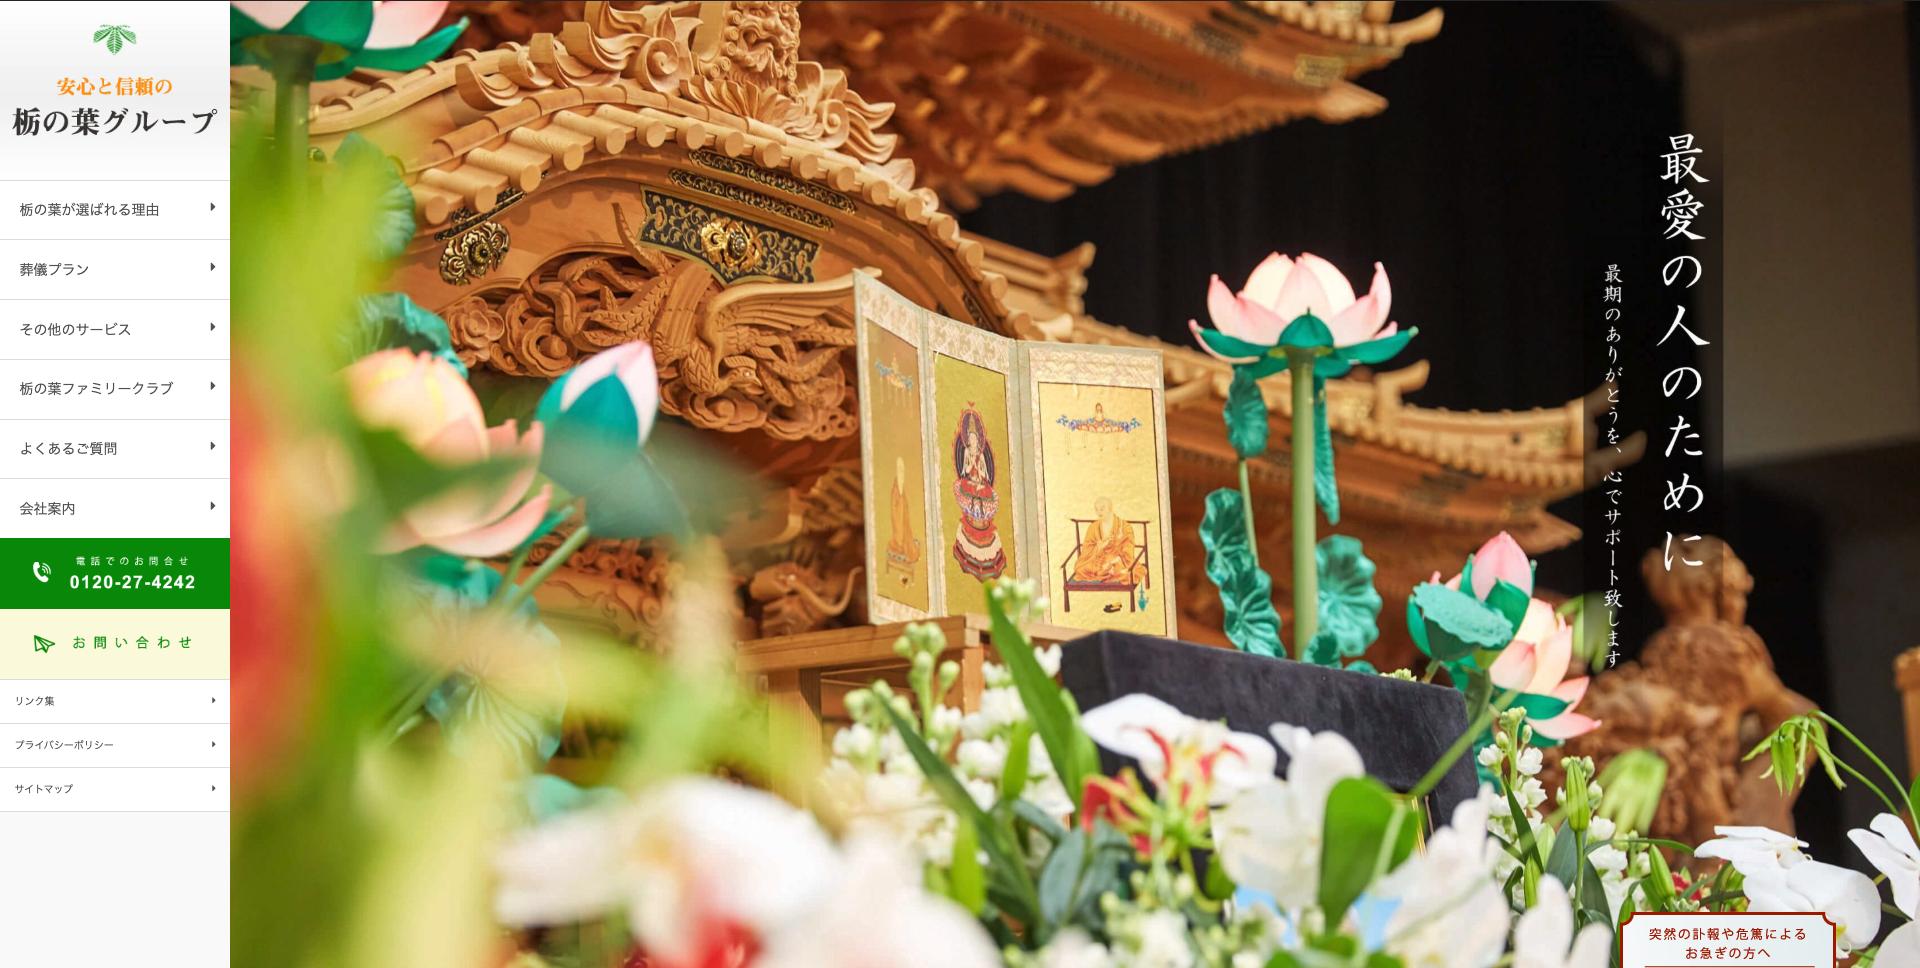 栃の葉葬儀社(株式会社向立)様